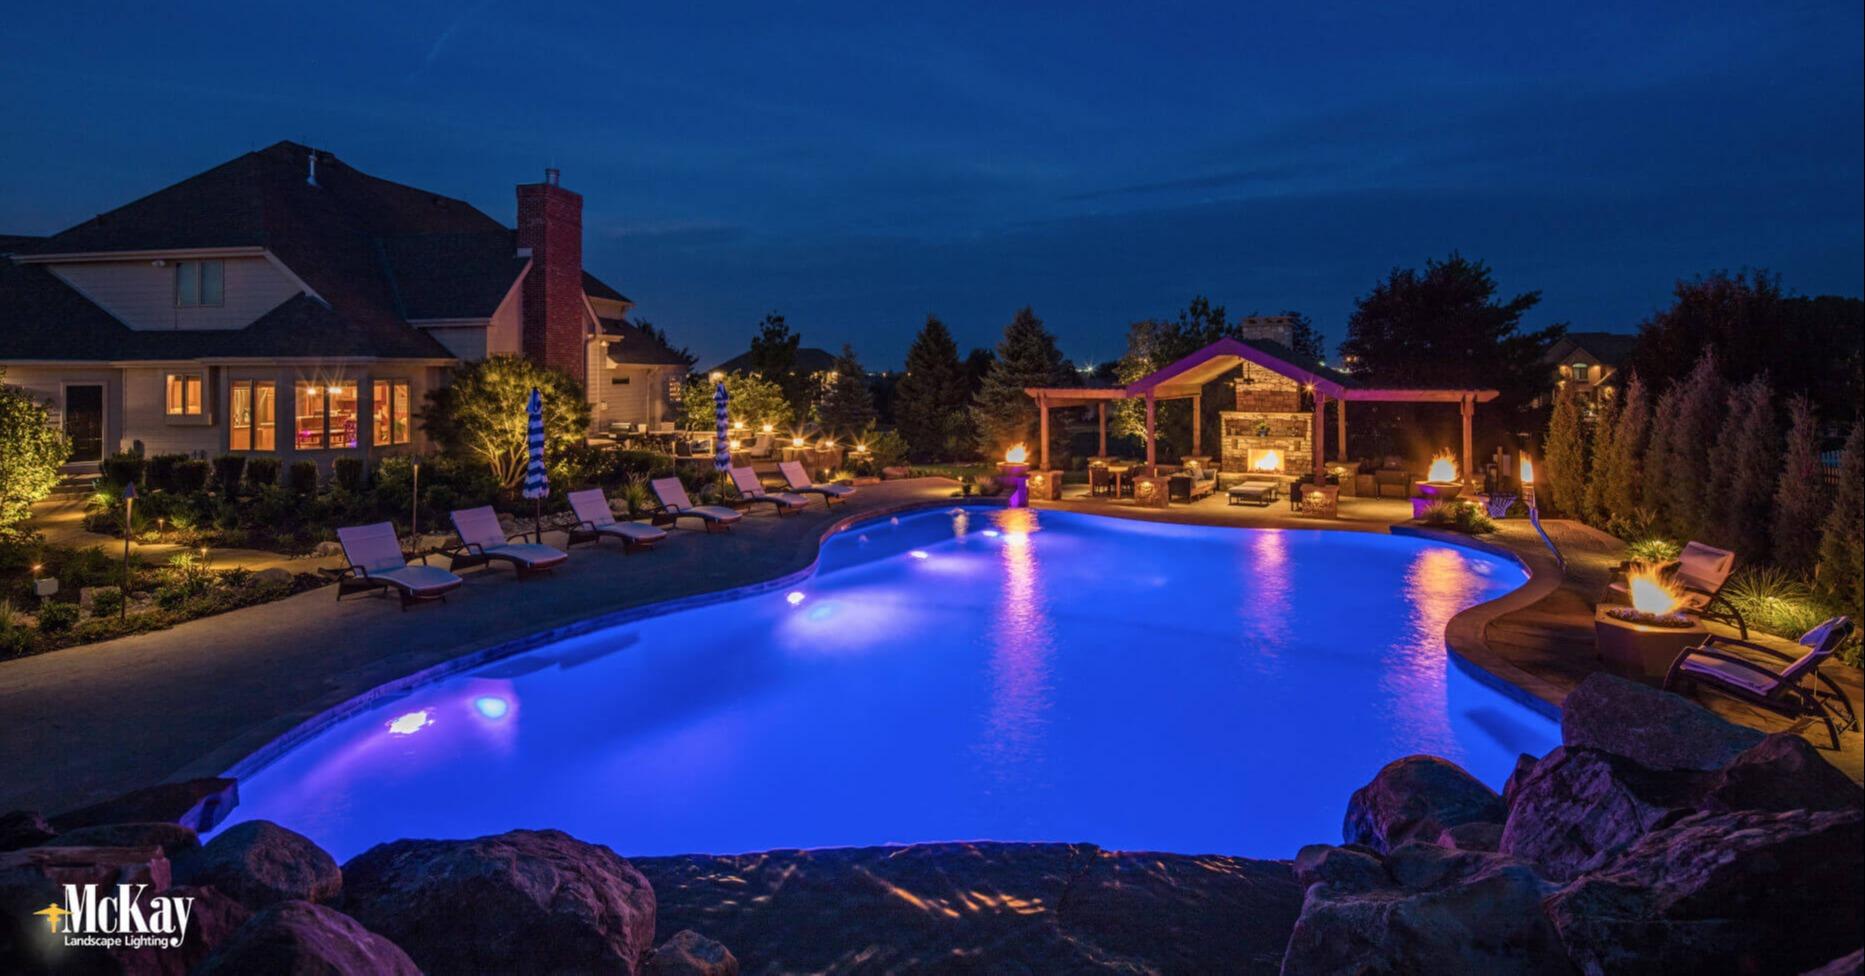 Pool Lighting - Create a Safer Environment and Resort-Like Setting | McKay Landscape Lighting Omaha Nebraska